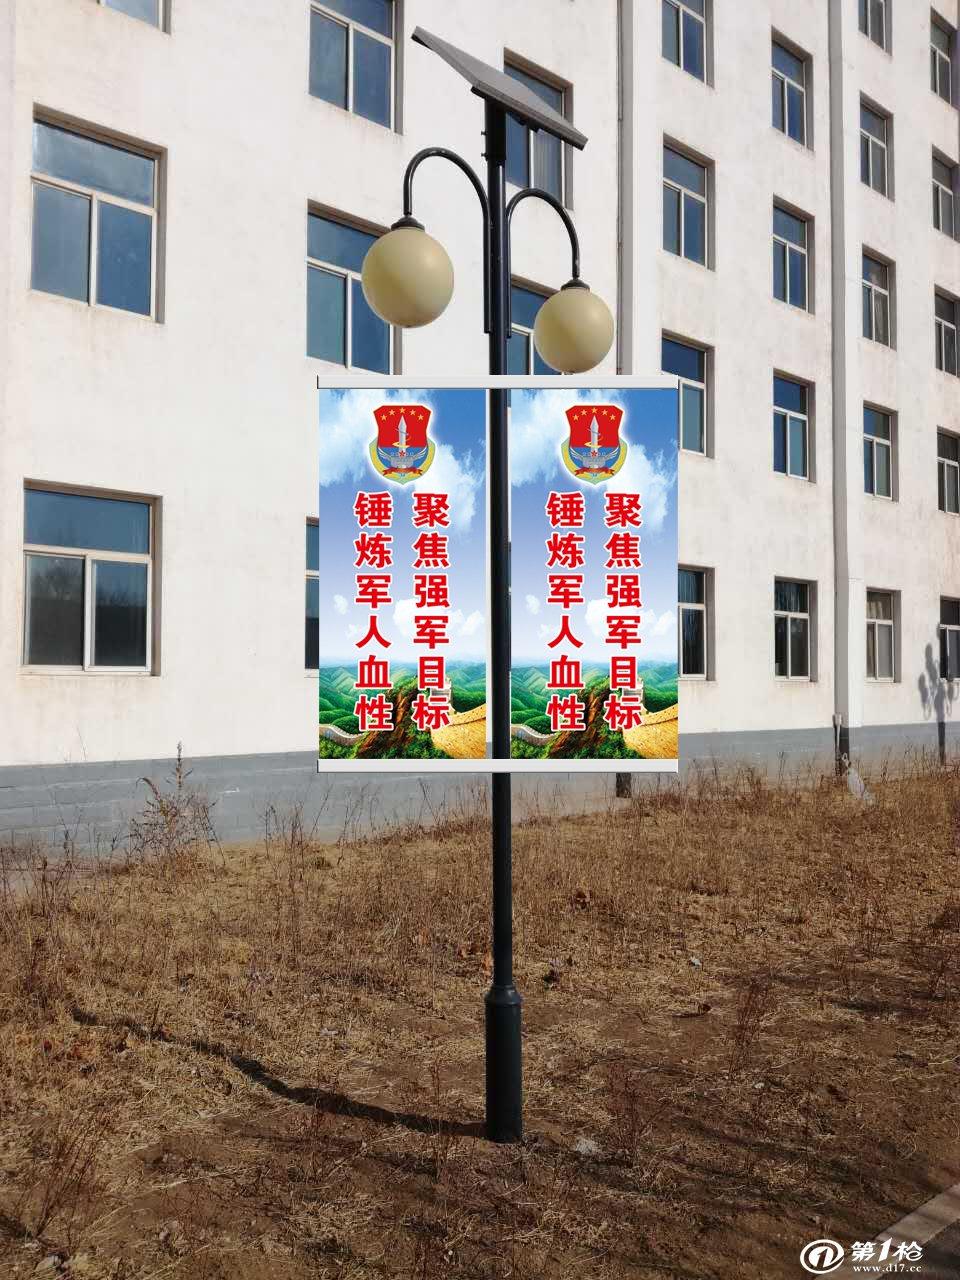 钧道dqj道路两边路牌道旗广告架供应厂商 铝合金材质道旗供应